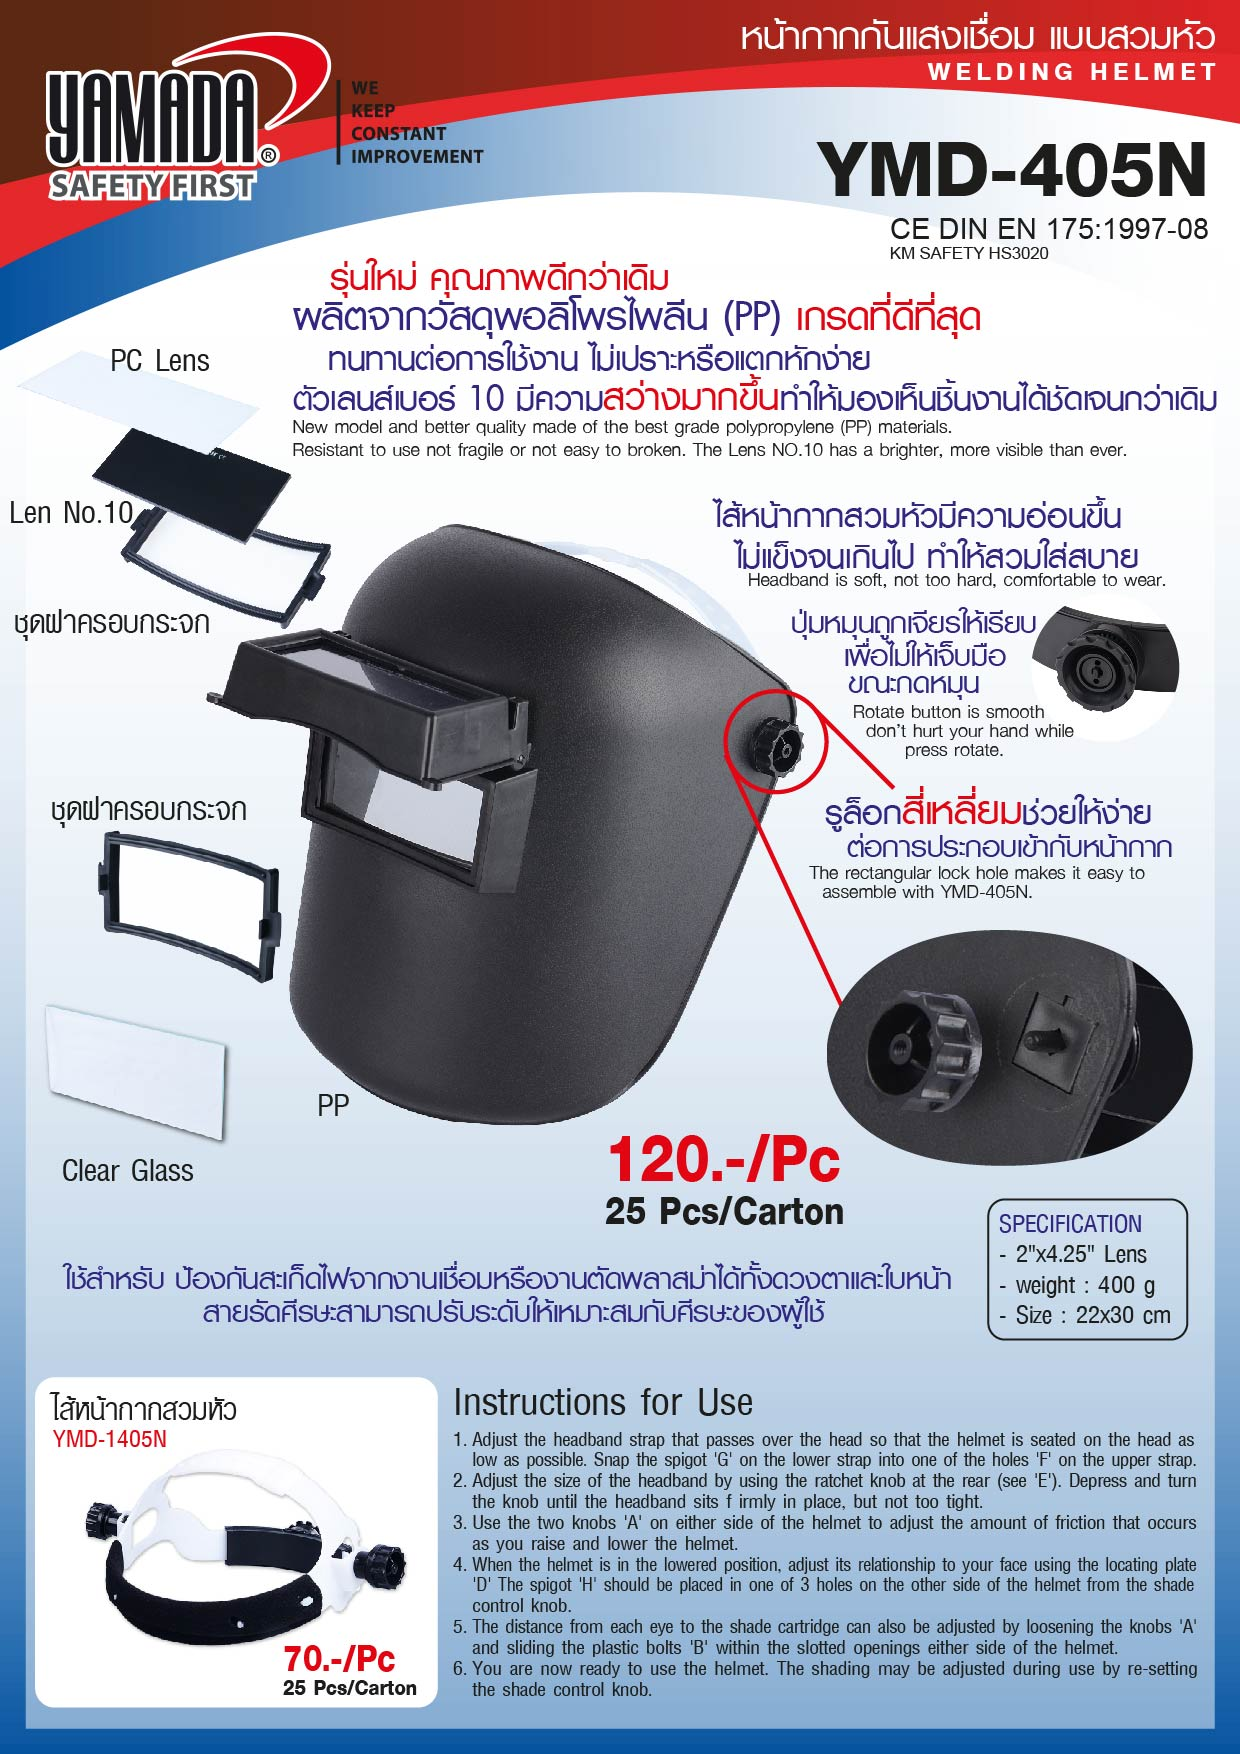 (166/267) หน้ากากกันแสงเชื่อม แบบสวมหัว - Welding Helmet YMD405N